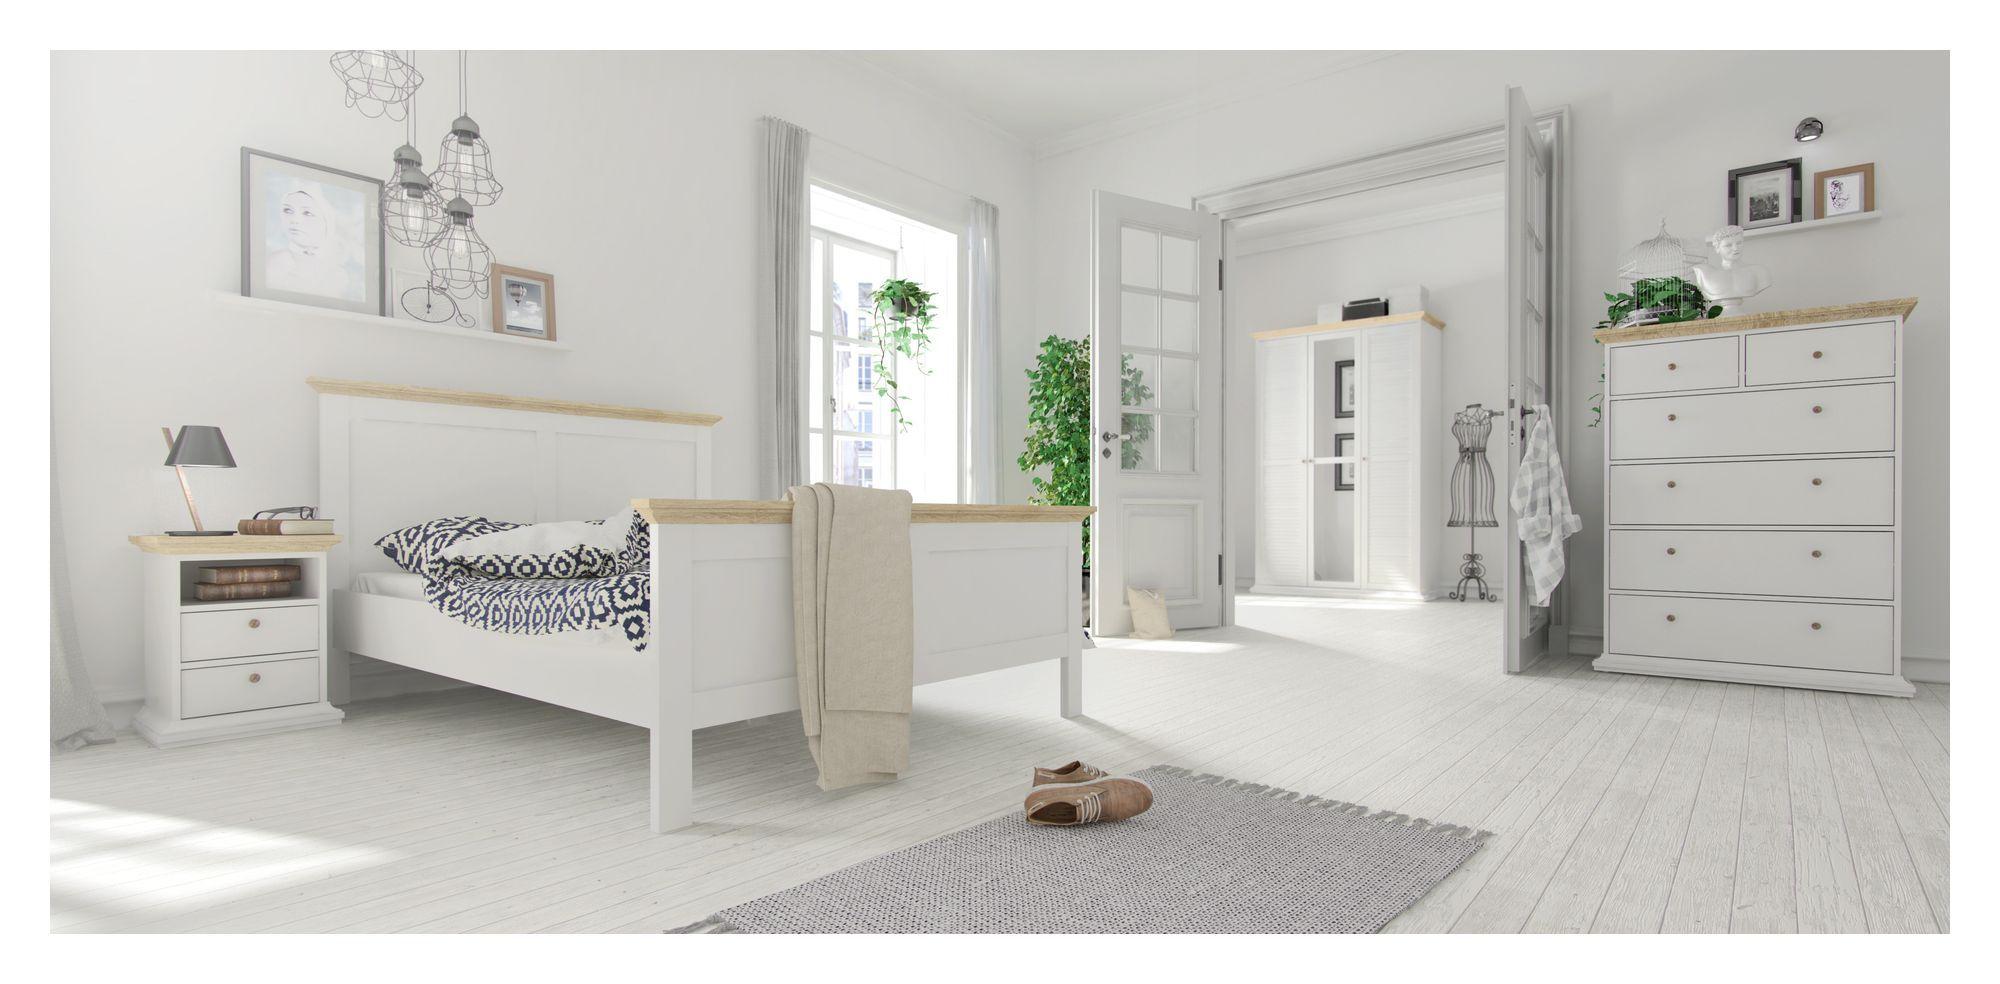 Paris Sengebord - Hvid/Lys træ H:58 - Hvidt sengebord med to skuffer og en hylde